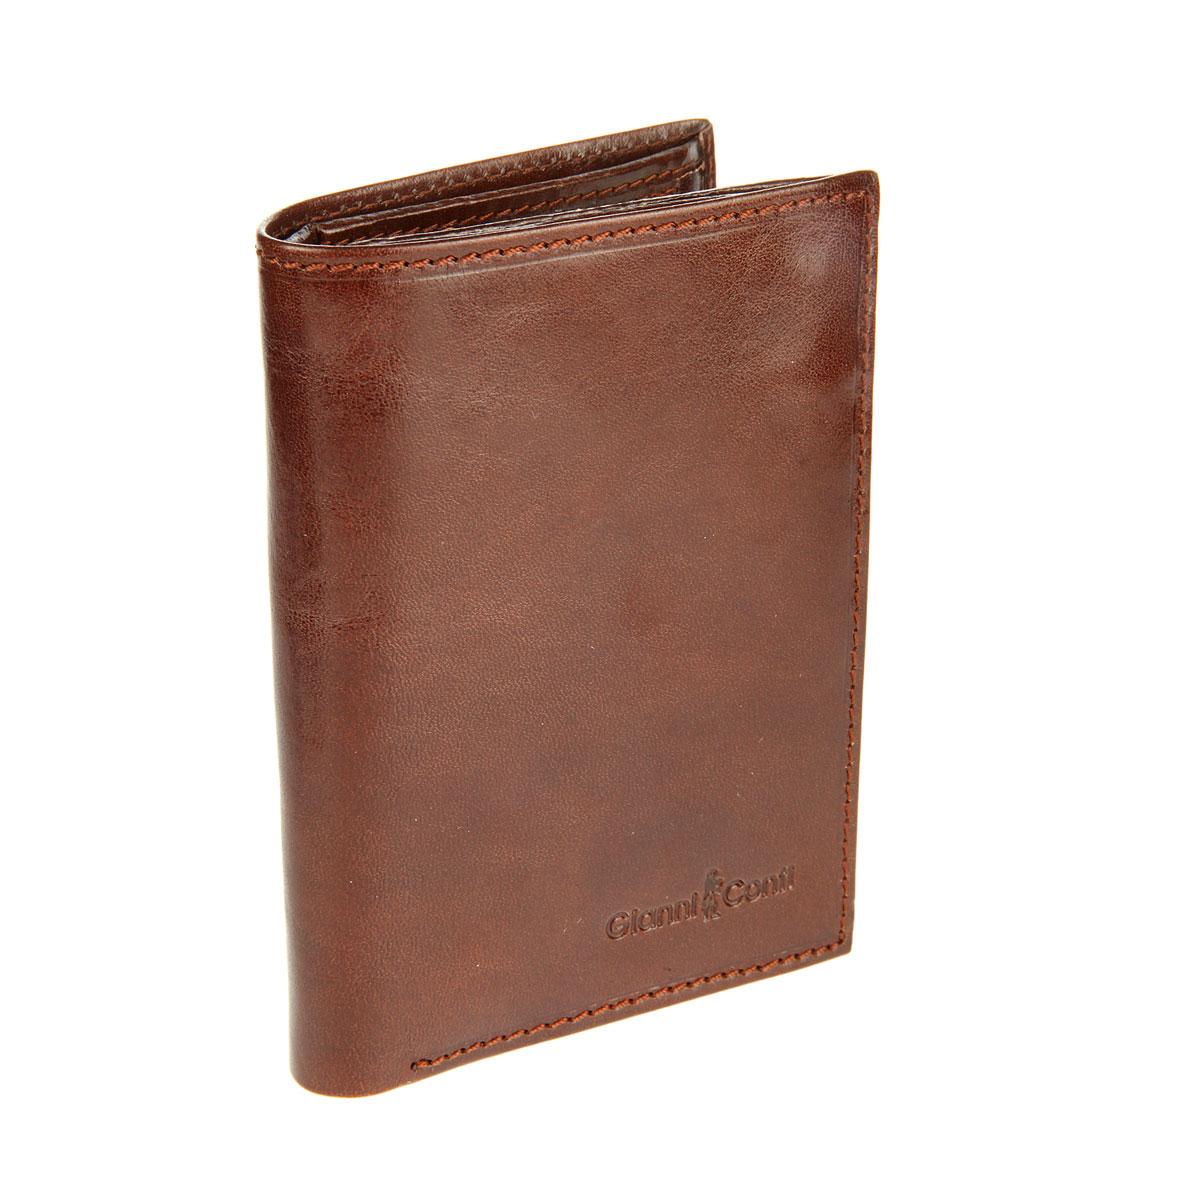 Портмоне мужское Gianni Conti, цвет: коричневый. 908037908037 brownСтильное мужское портмоне Gianni Conti выполнено из гладкой натуральной кожи. Лицевая сторона дополнена тиснением с названием бренда. Внутри расположено 2 отделения для купюр, отделение для монет на застежке-кнопке, потайной карман на молнии, 2 боковых кармана, 3 сетчатых для фото и 8 кармашков для кредитных карт и визиток. Отделения для фото и карточек фиксируются с помощью хлястика на замок-кнопку. Gianni Conti сделает ваш образ ярким и выразительным. При изготовлении аксессуаров используются самые современные технологии и дизайнерские новинки, которые удовлетворят самый изысканный вкус.